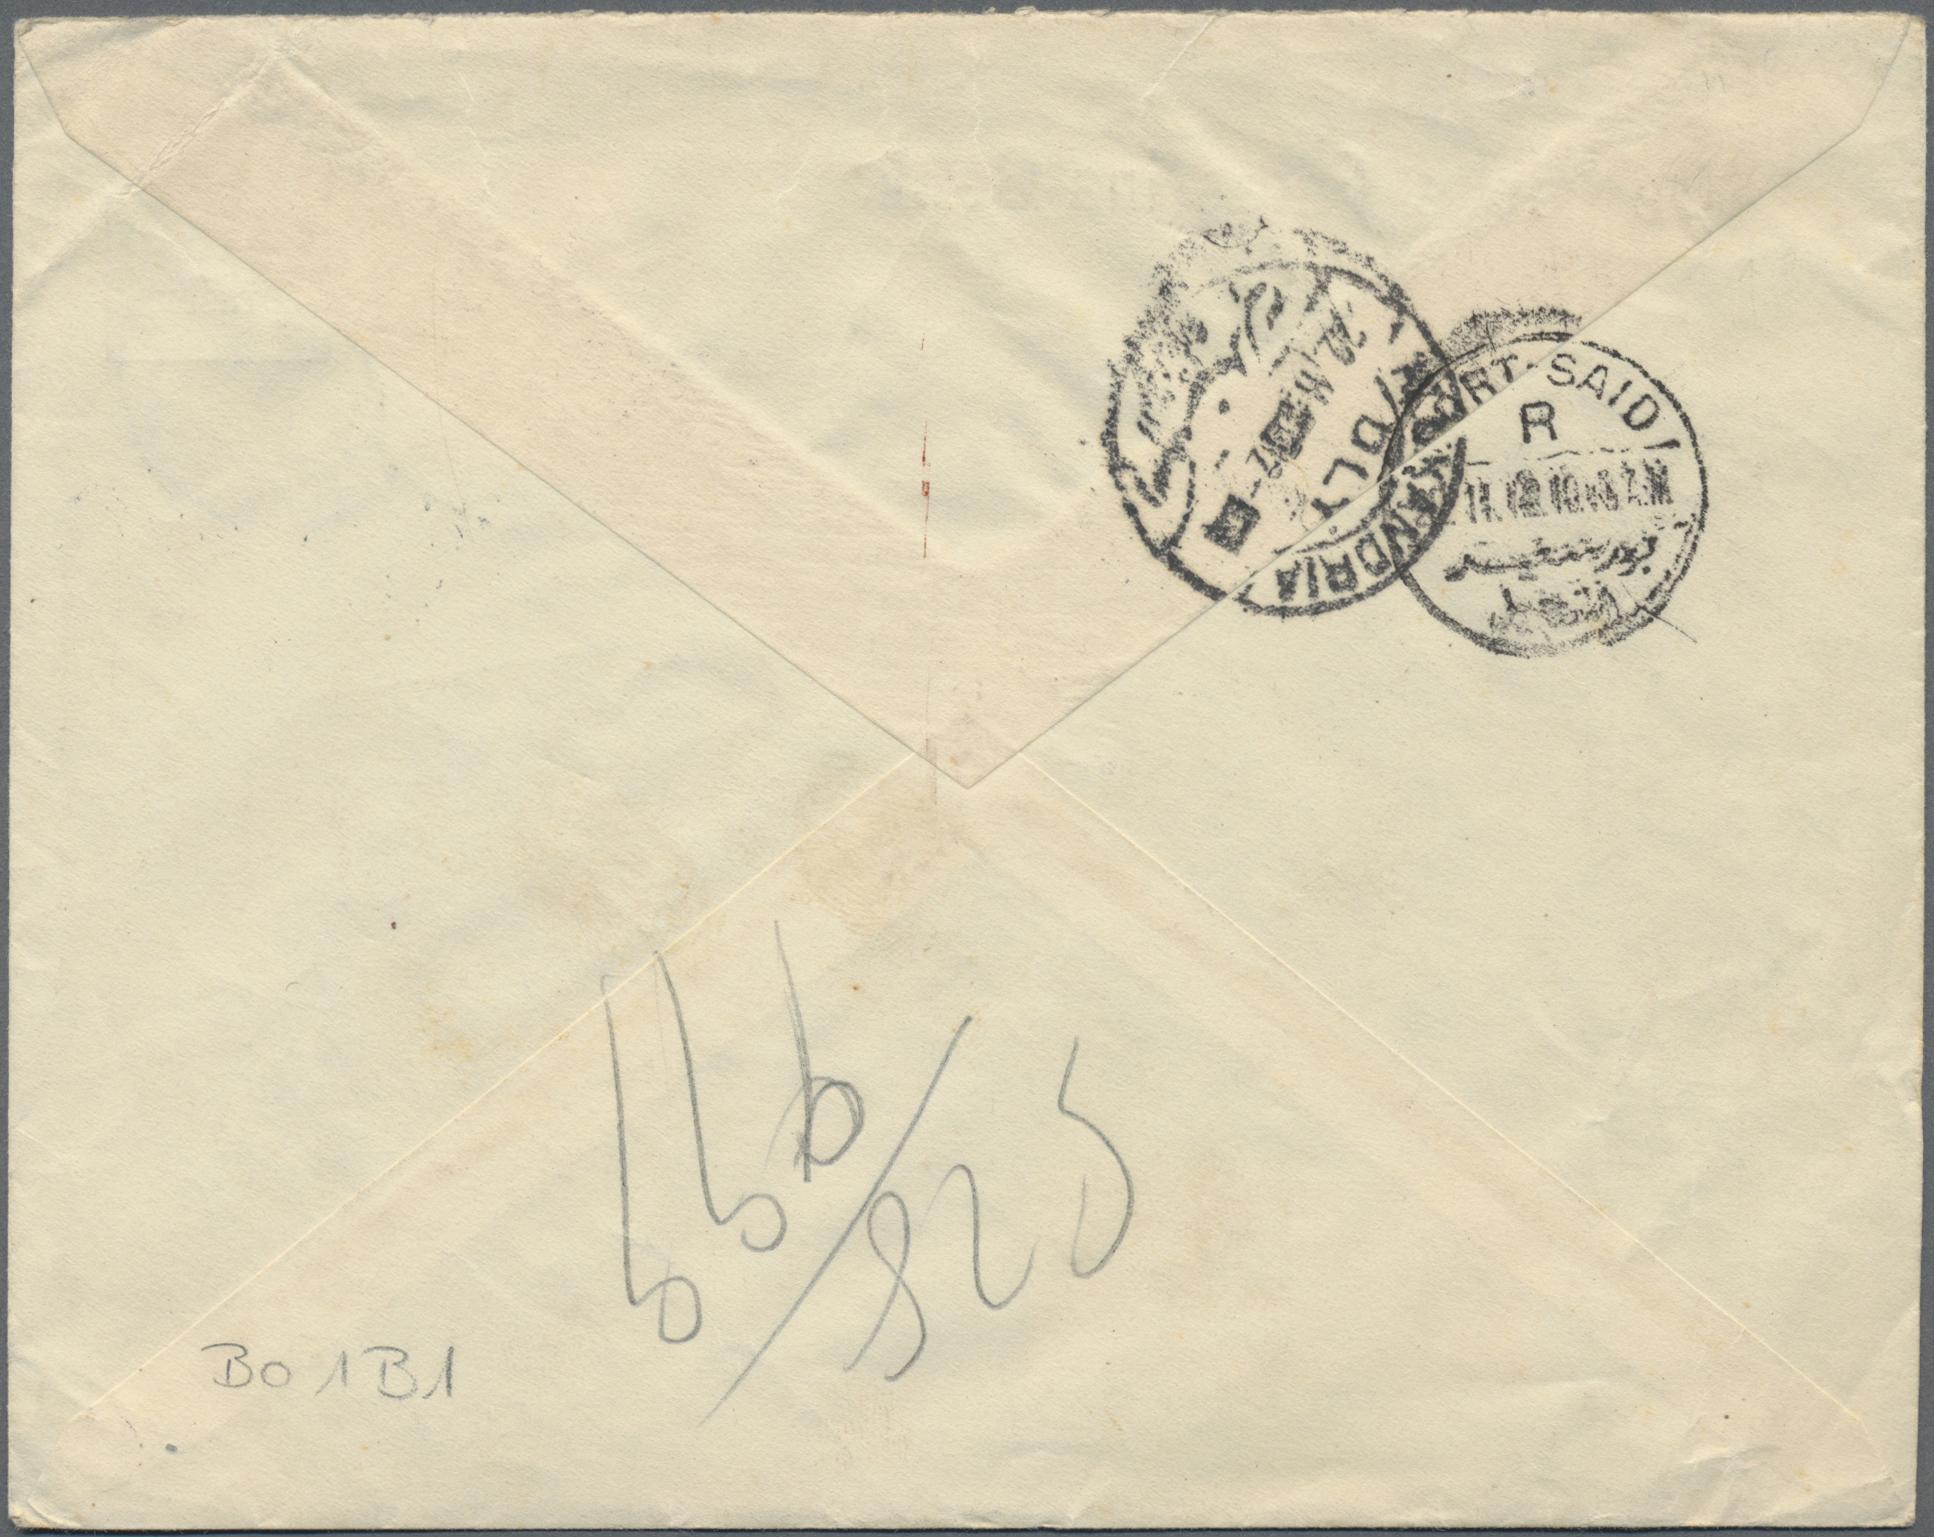 Lot 16406 - Deutsche Post in der Türkei - Ganzsachen  -  Auktionshaus Christoph Gärtner GmbH & Co. KG Sale #47 Single lots: Germany, Picture Postcards